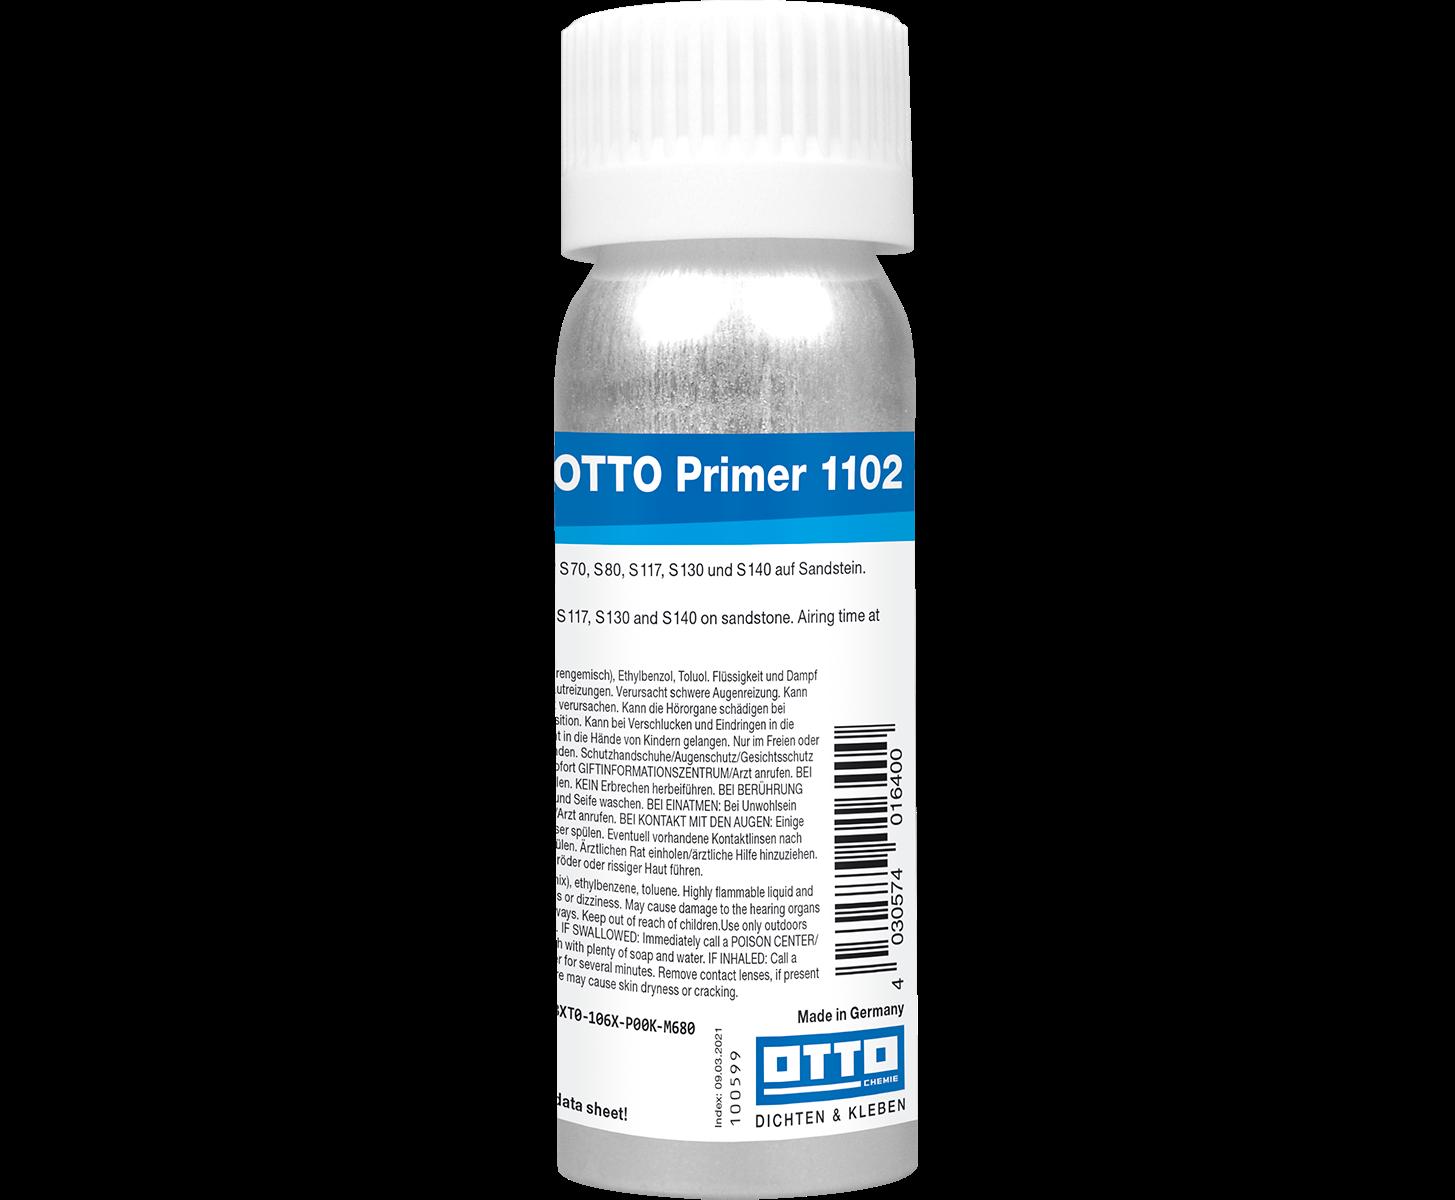 Ottoseal Otto Primer 1102 zandsteenprimer